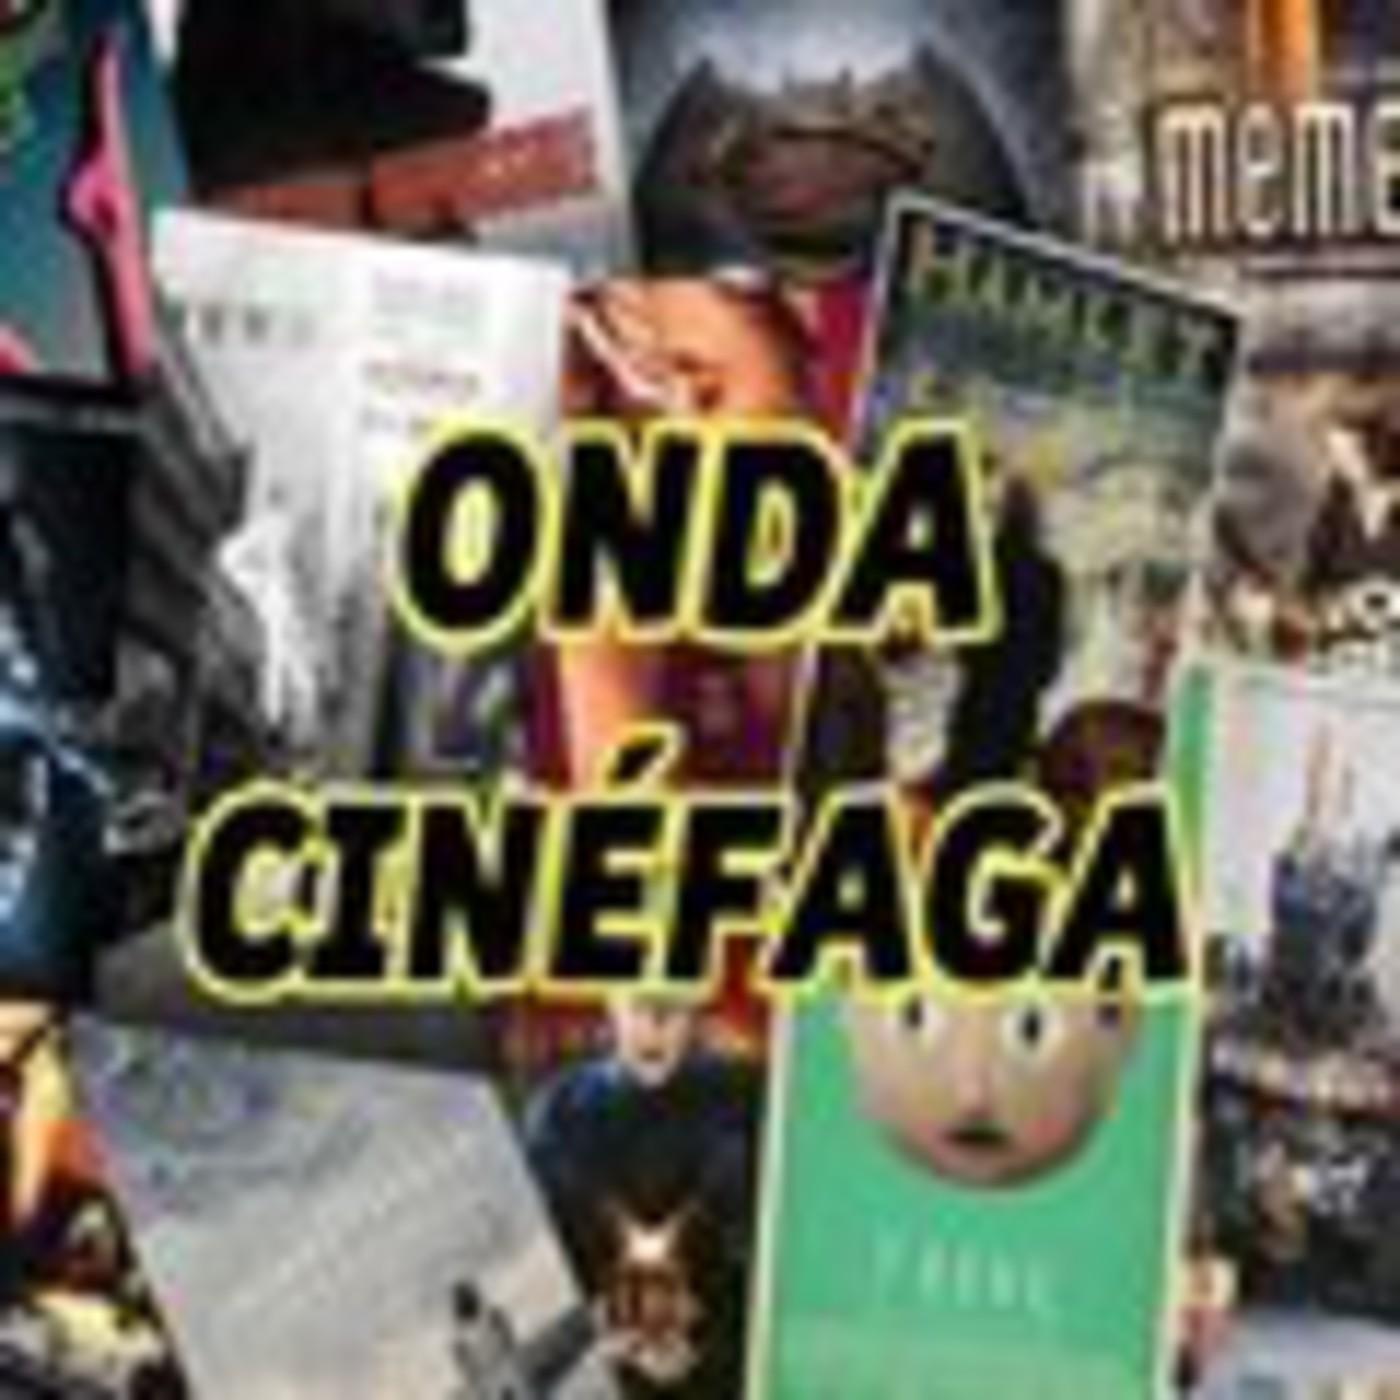 Onda Cinéfaga